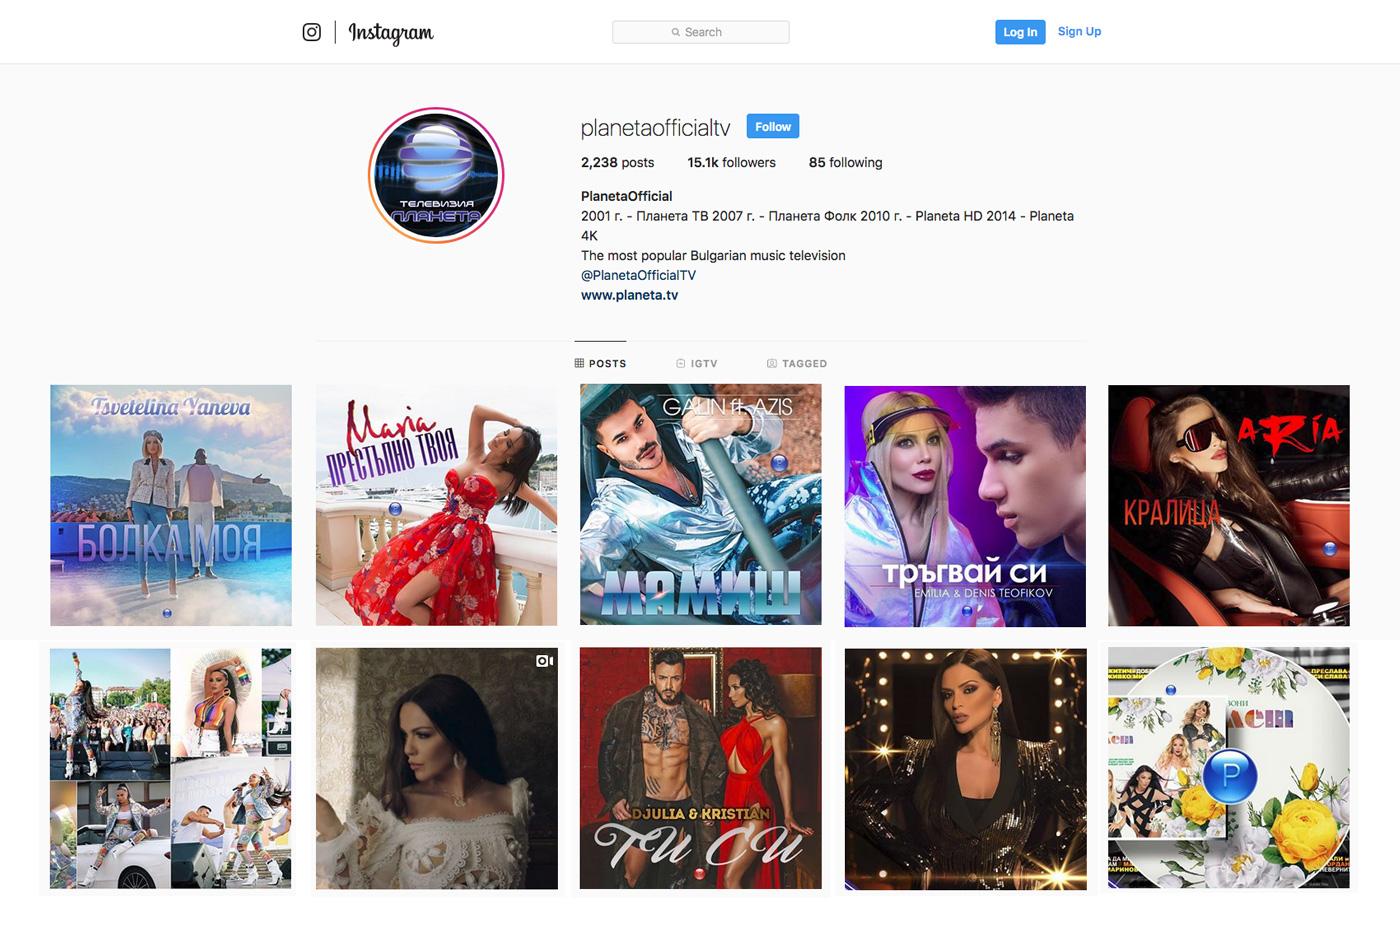 """PlanetaOfficial е новото лице на телевизия """"Планета"""" в Instagram"""